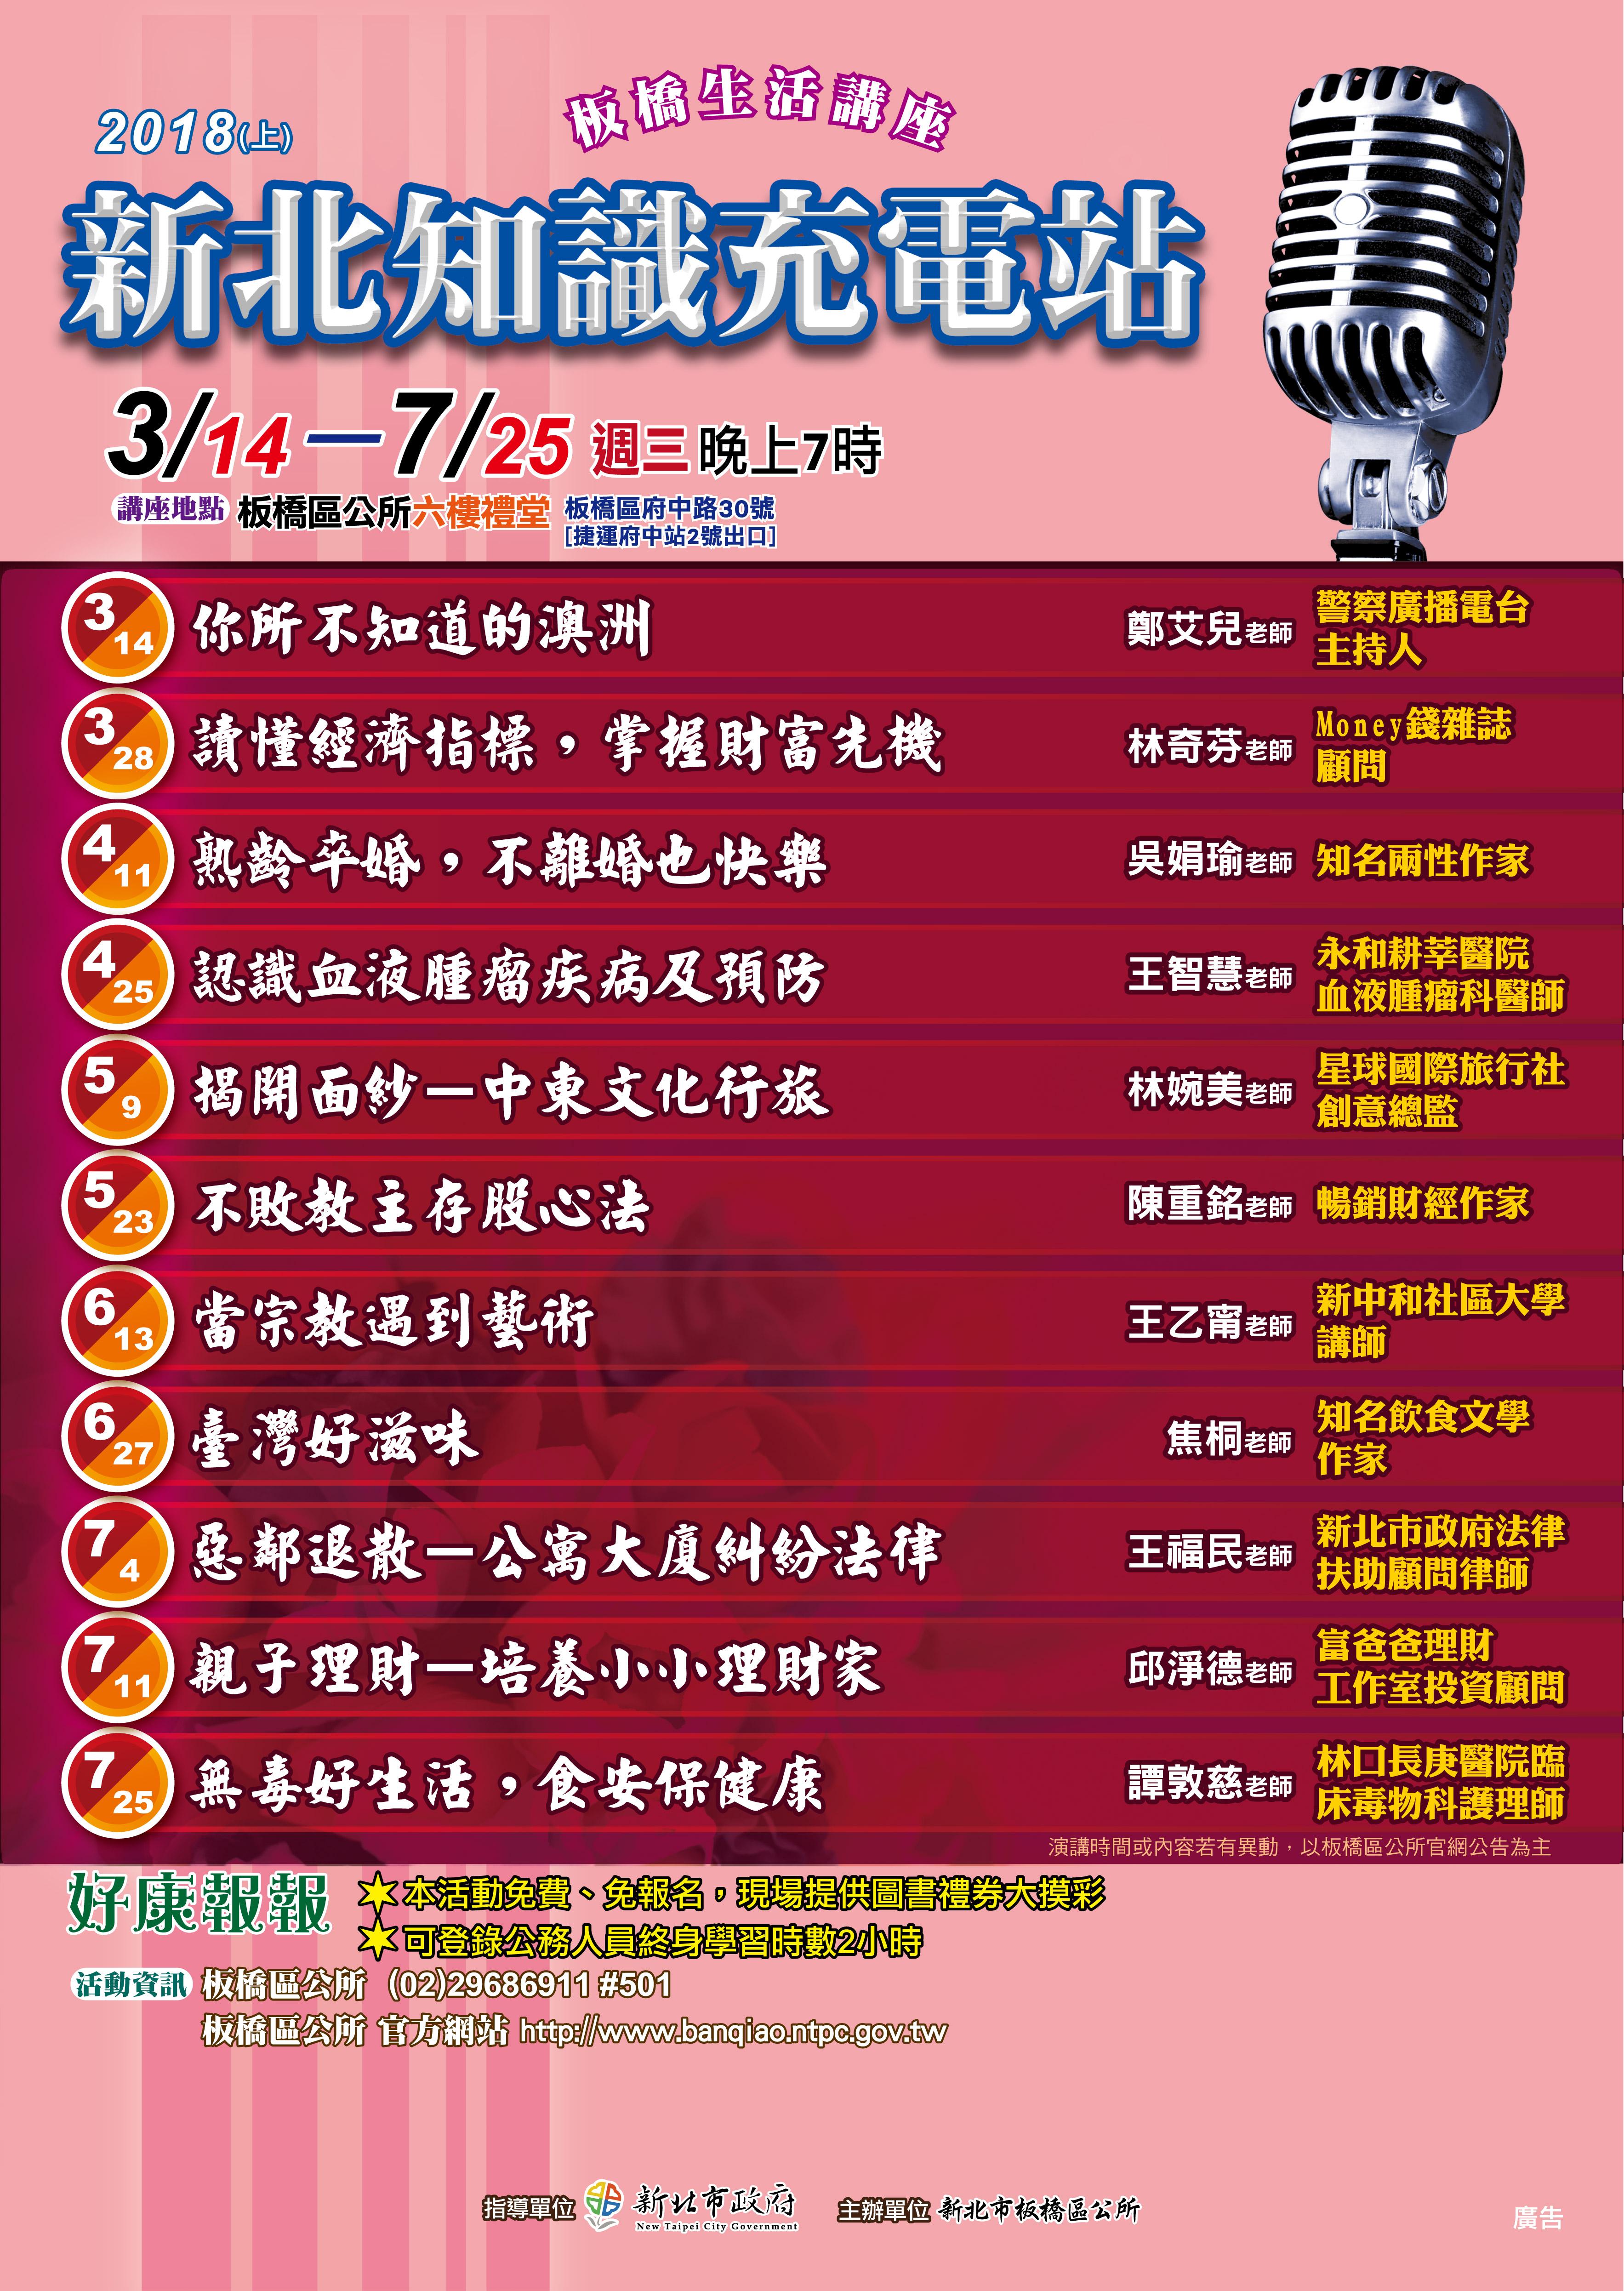 2018(上)板橋生活講座海報.JPG